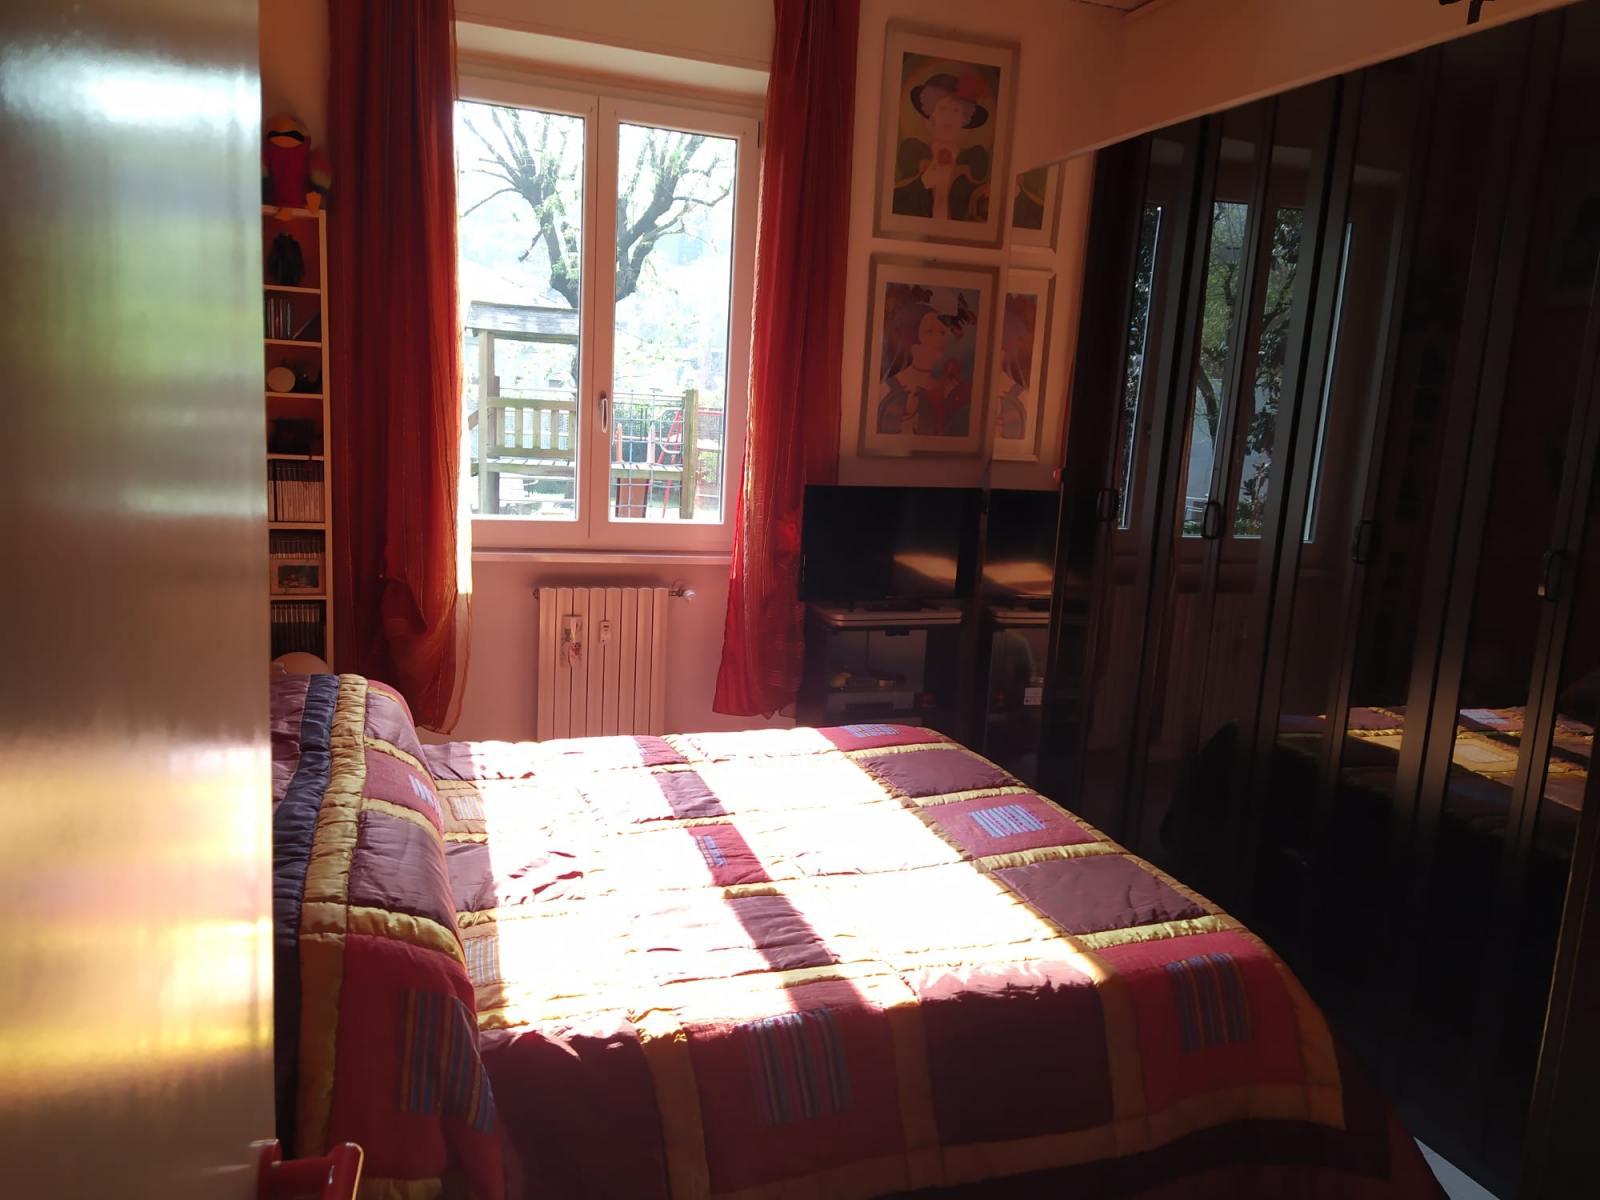 appartamento-in-vendita-a-milano-bagio-3-locali-via-cabella-spaziourbano-immobiliare-vende-12